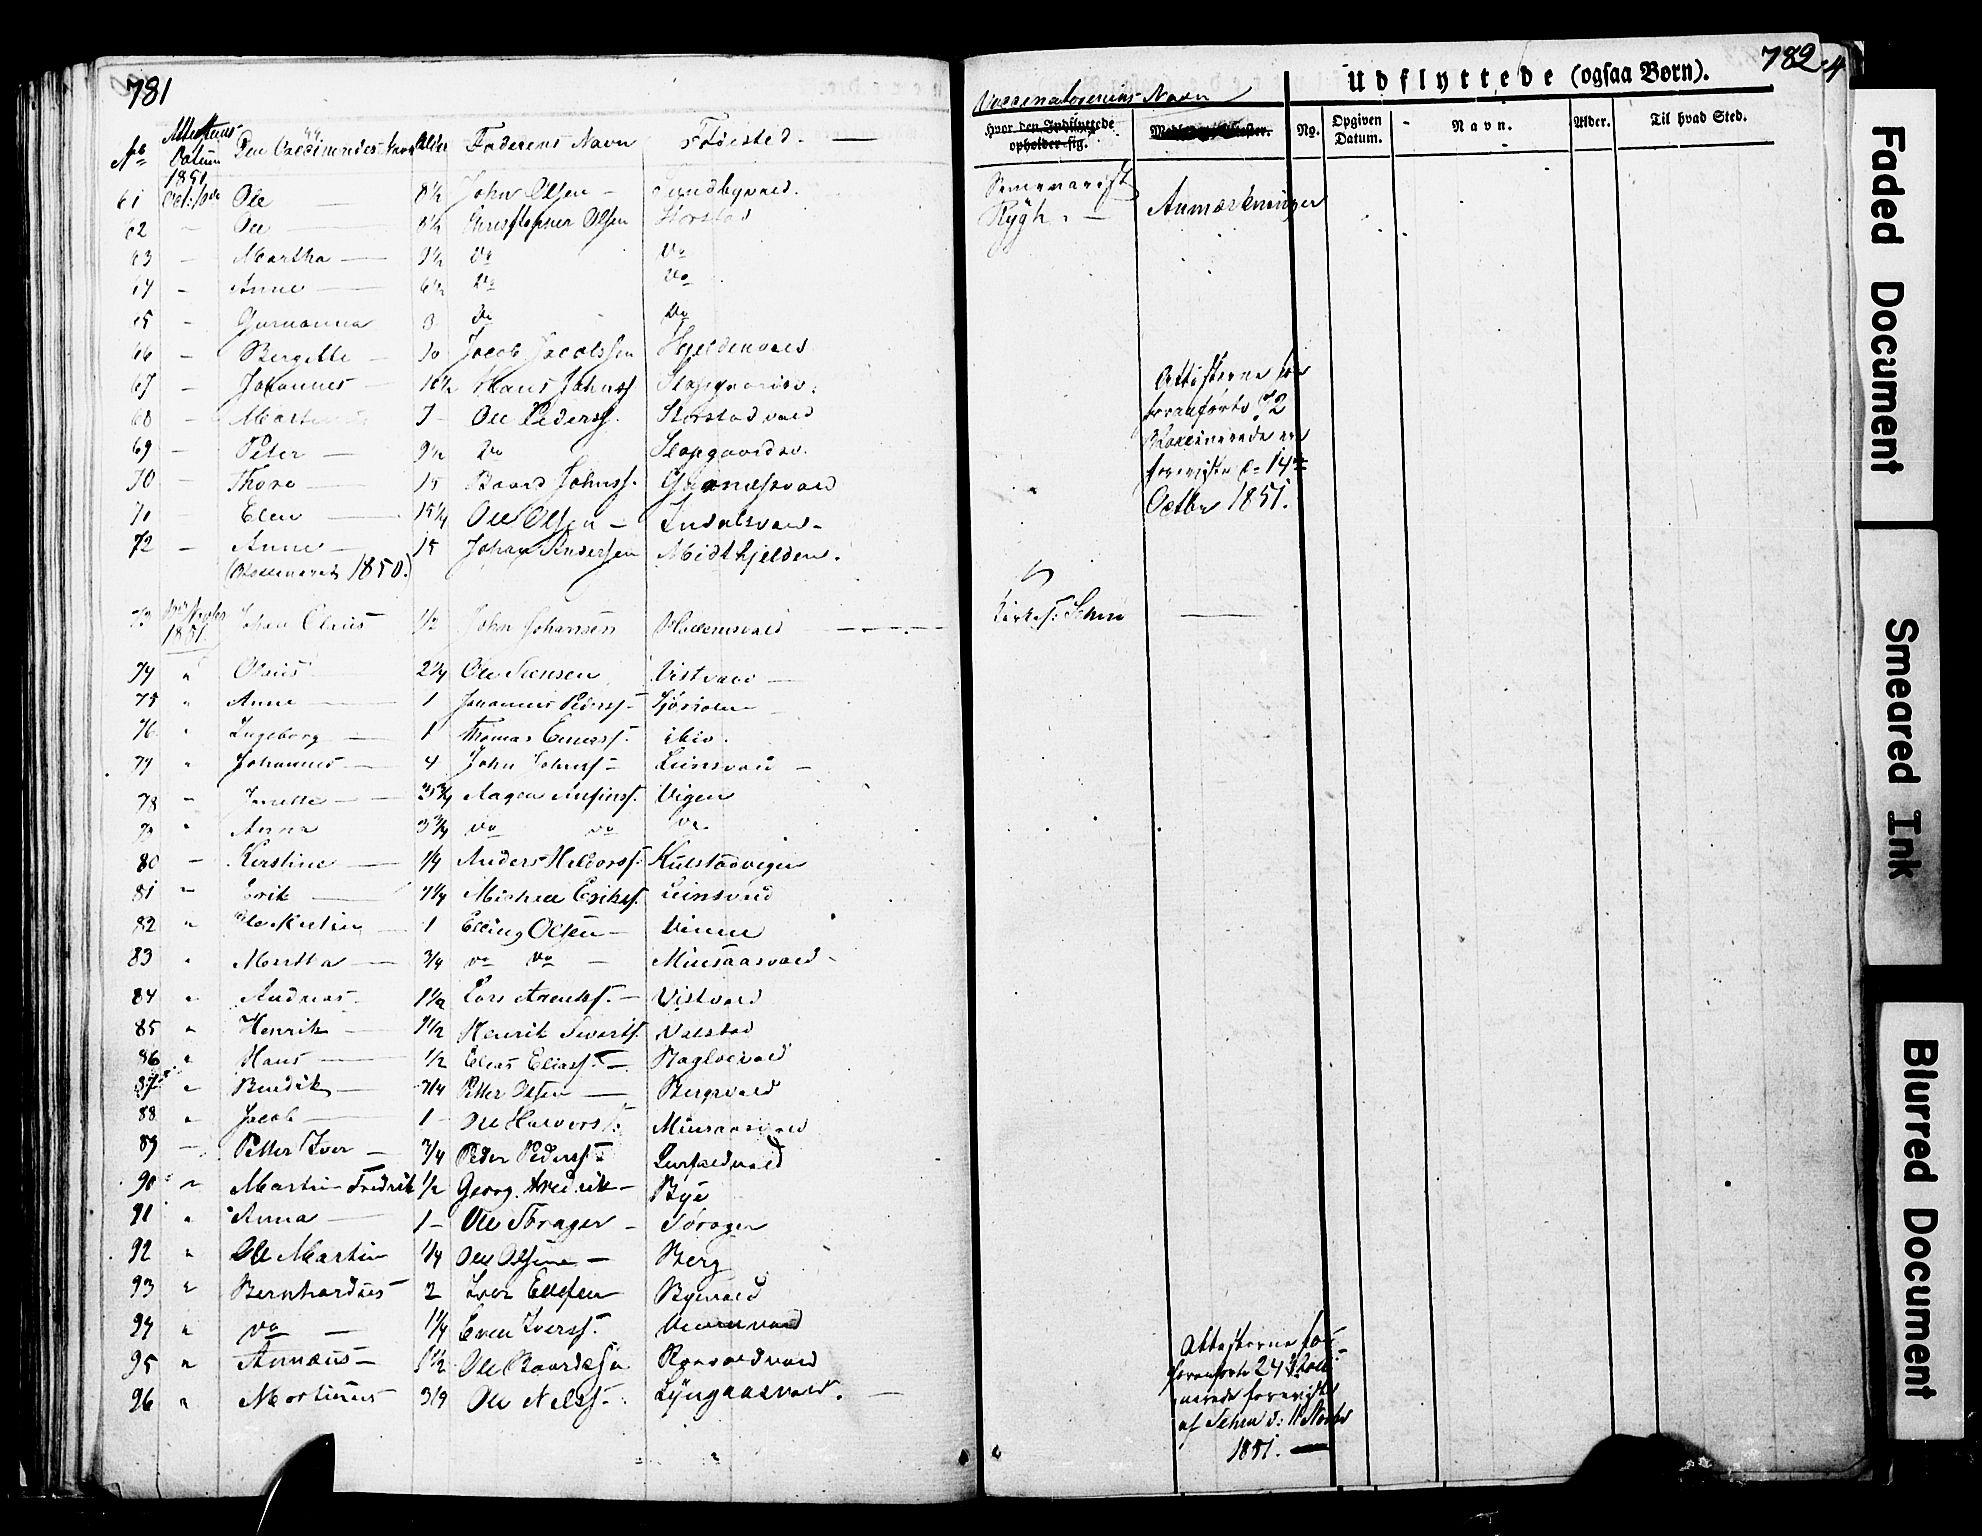 SAT, Ministerialprotokoller, klokkerbøker og fødselsregistre - Nord-Trøndelag, 723/L0243: Ministerialbok nr. 723A12, 1822-1851, s. 781-782